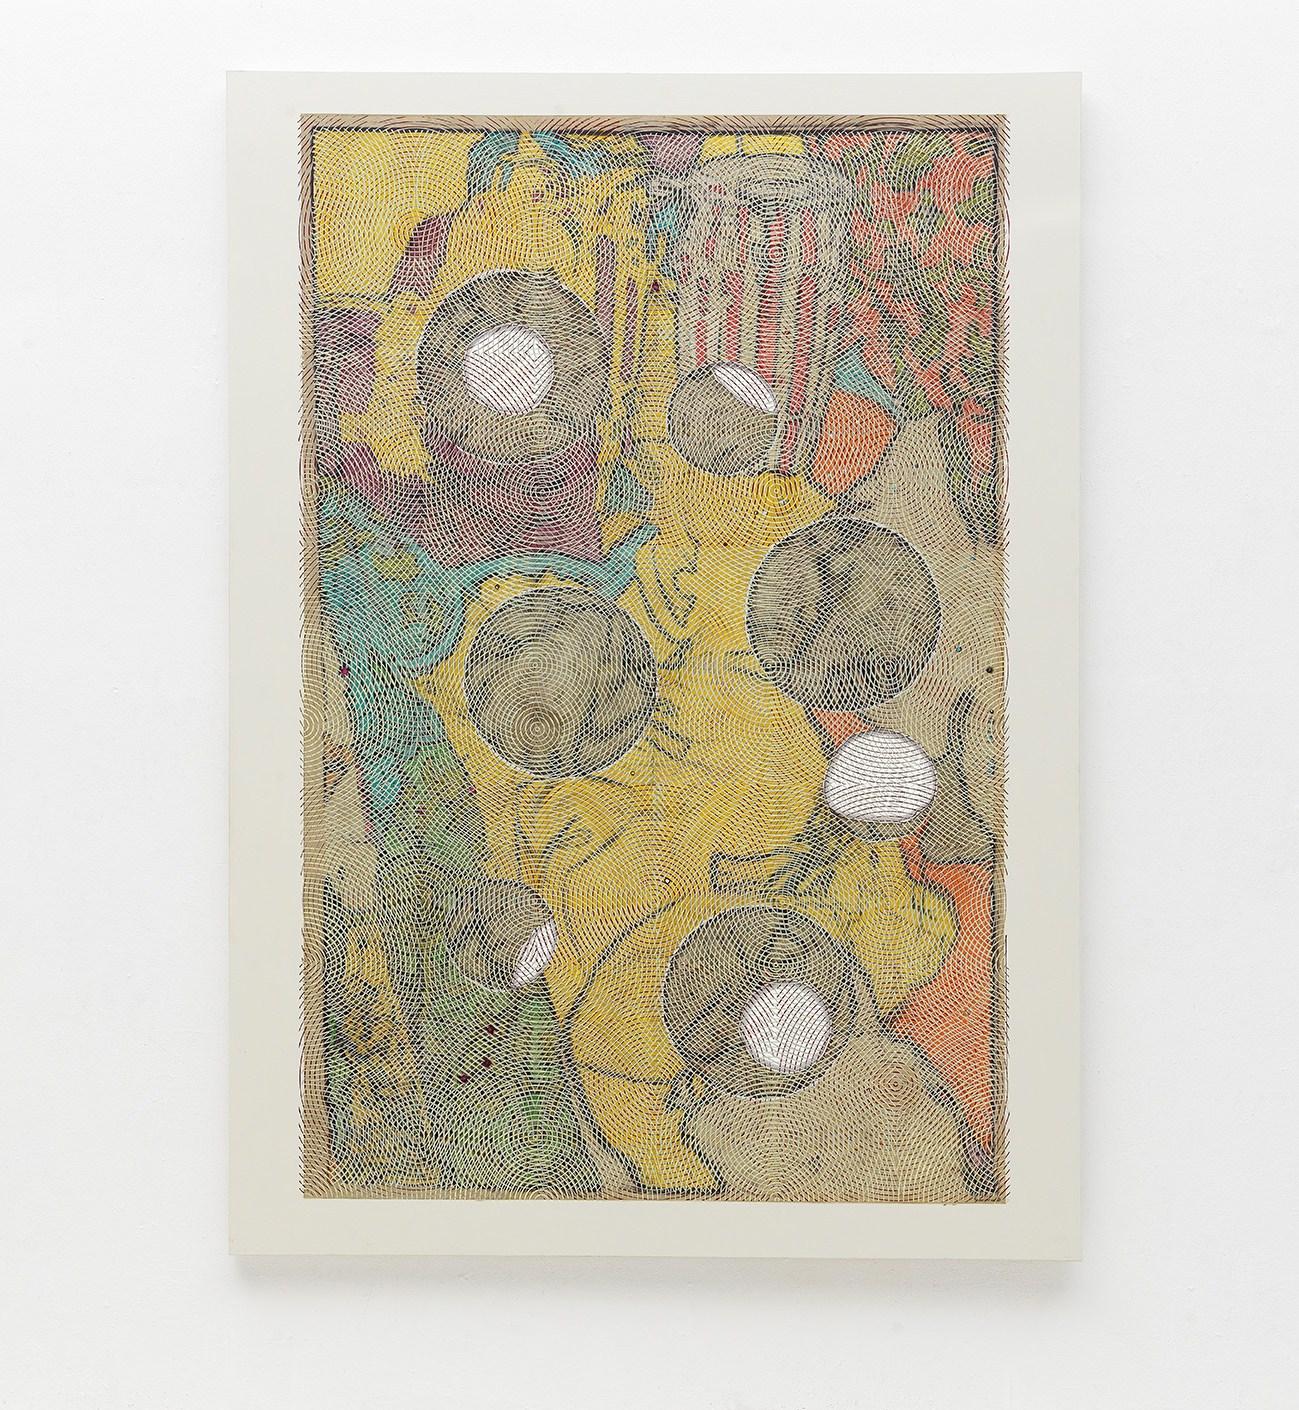 Luigi Carboni, DORMIENTE, 2013-16, olio e acrilico su tela cm250x180. Foto Michele Alberto Sereni